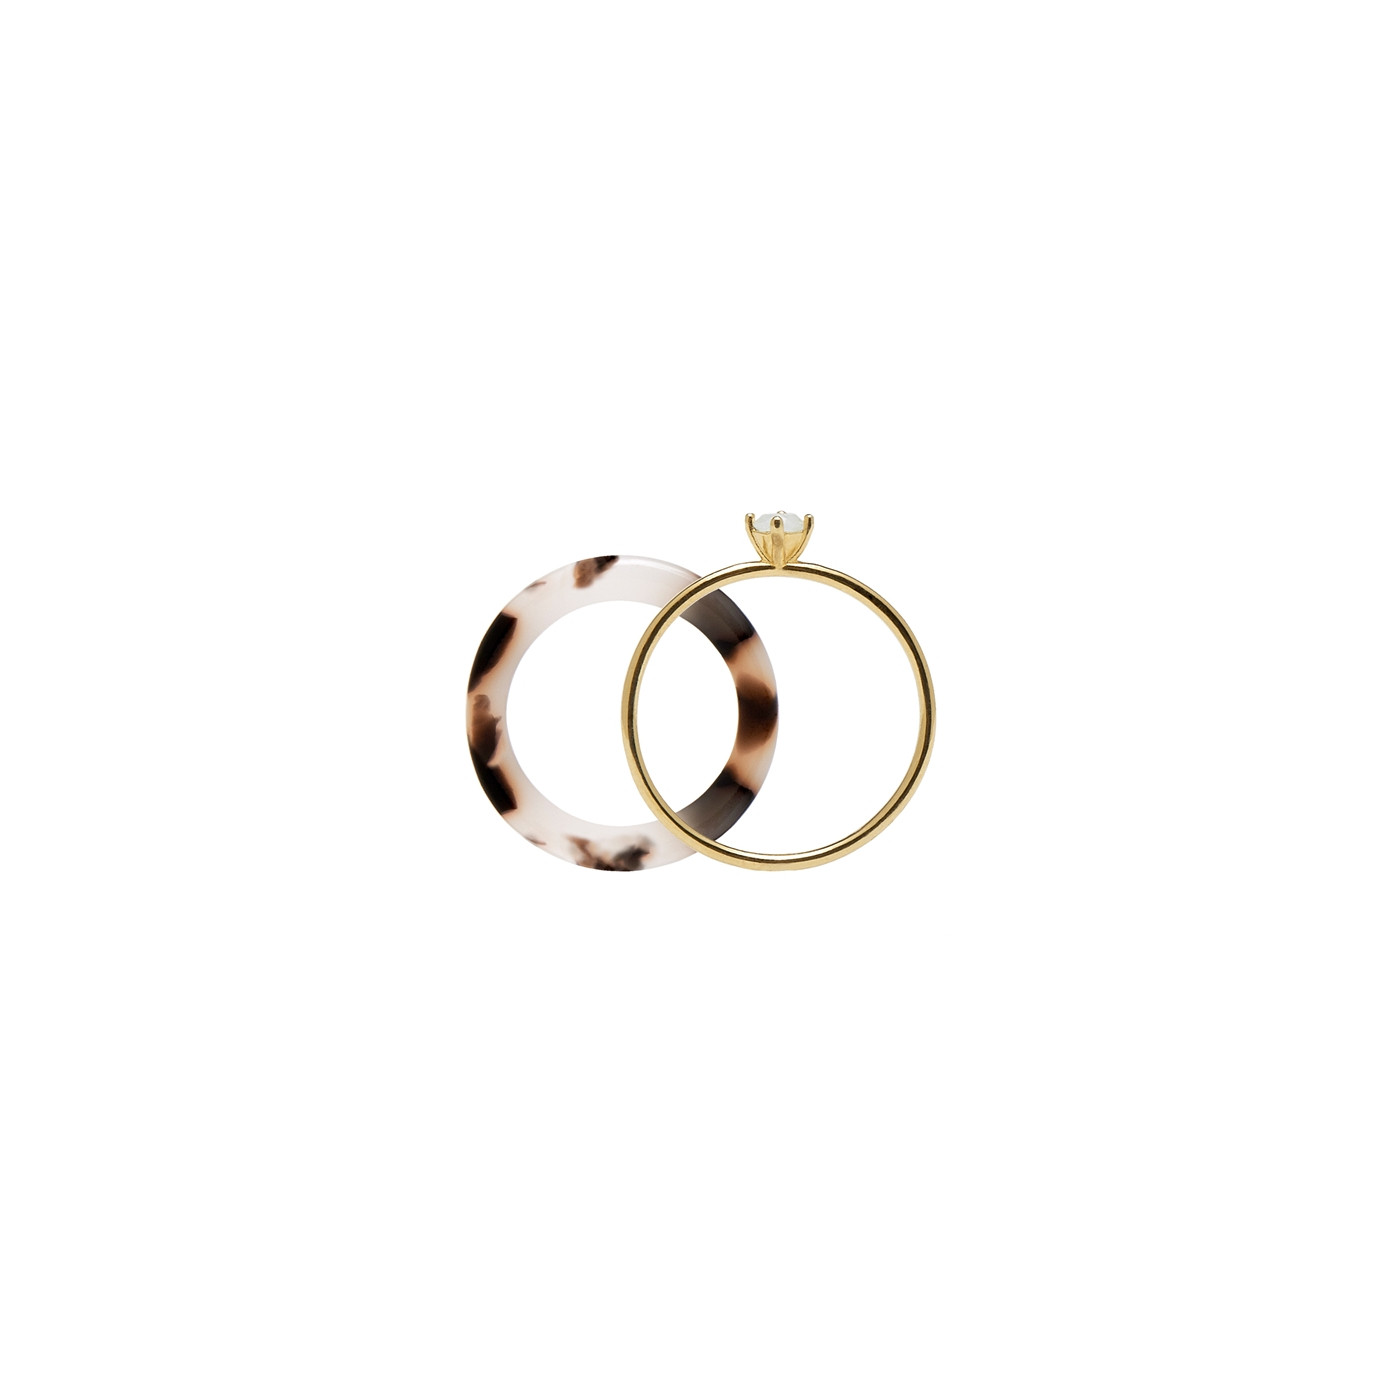 PD Paola Caramel anillo AN01-110